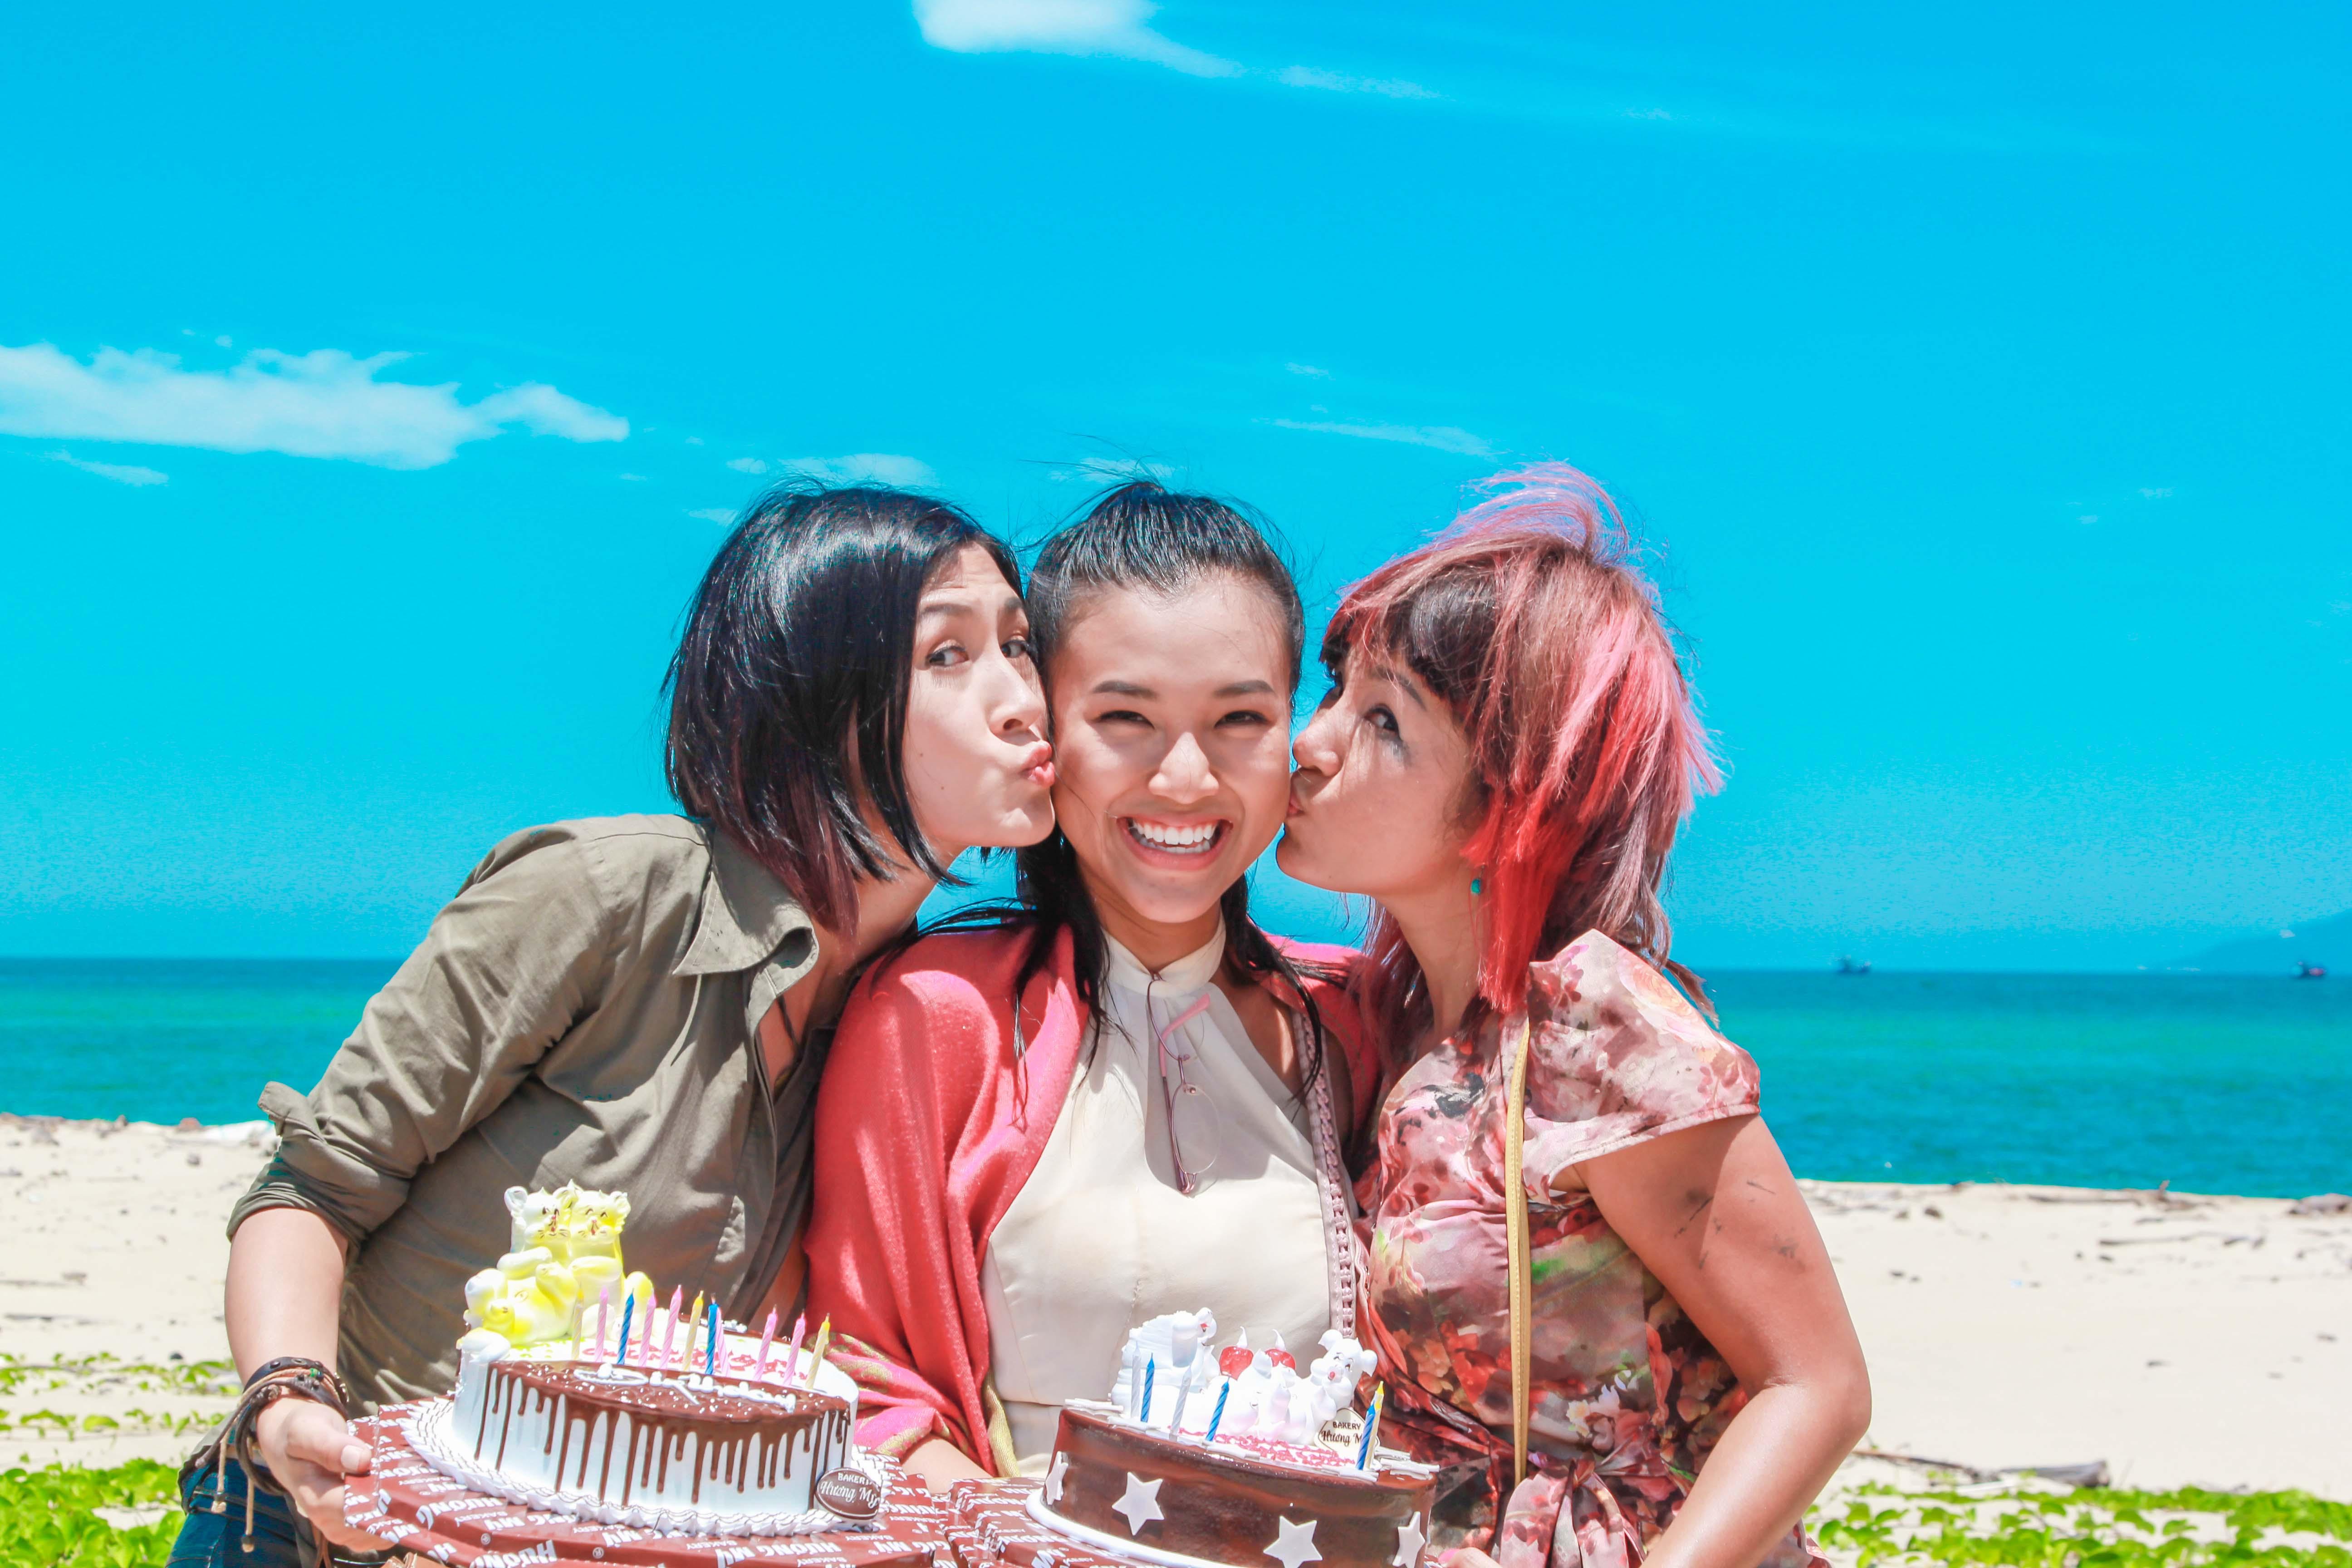 Hoàng Oanh, Thúy Nga, Kathy Uyên là 3 diễn viên chính của phim Chuyện ba cô nàng sẽ công chiếu vào dịp Tết 2015